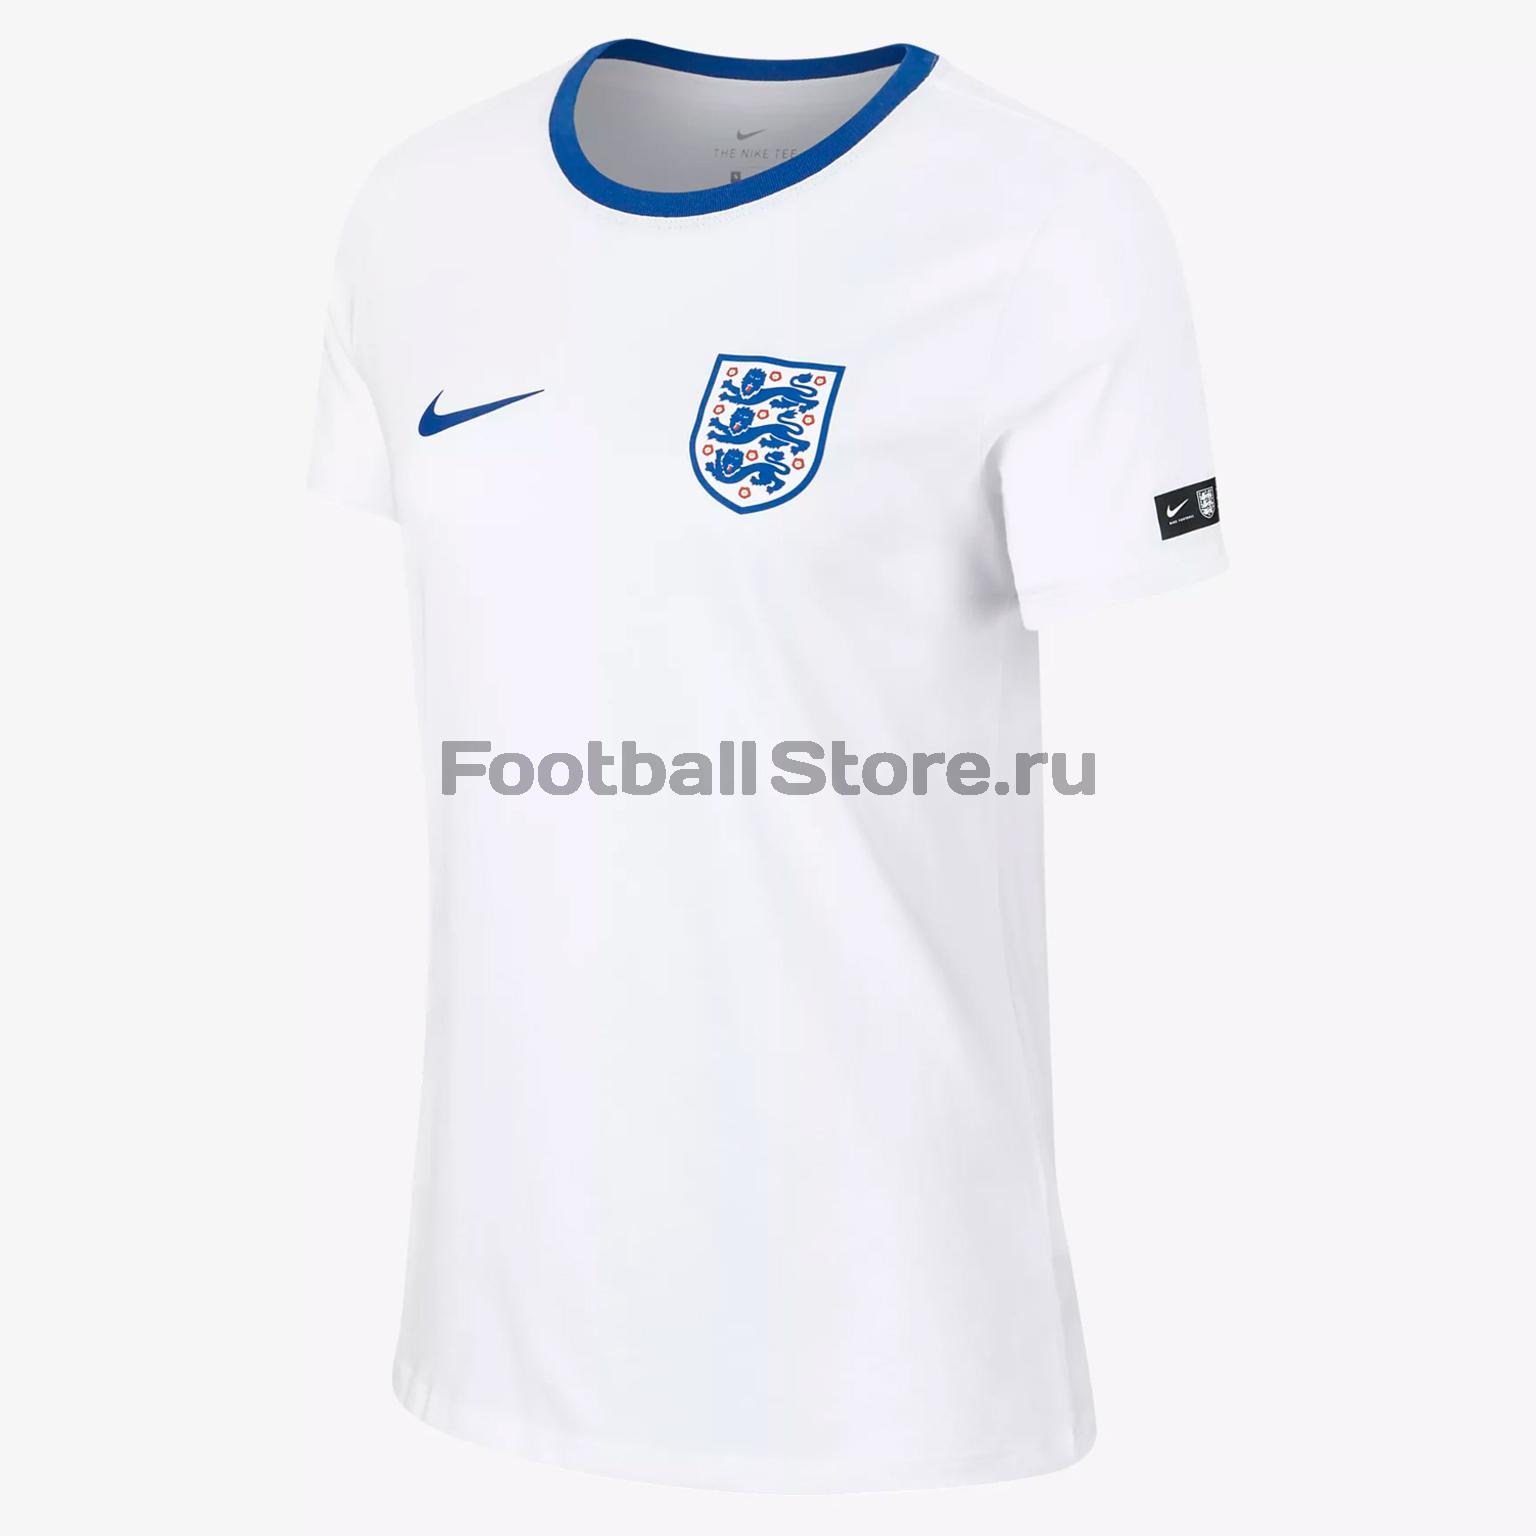 Футболка женская Nike сборной Англии AH9814-100 vivaheart корейский трикотаж женская ткань вязаная футболка с коротким кардиганом sunset vwyc172448 абрикосовая l